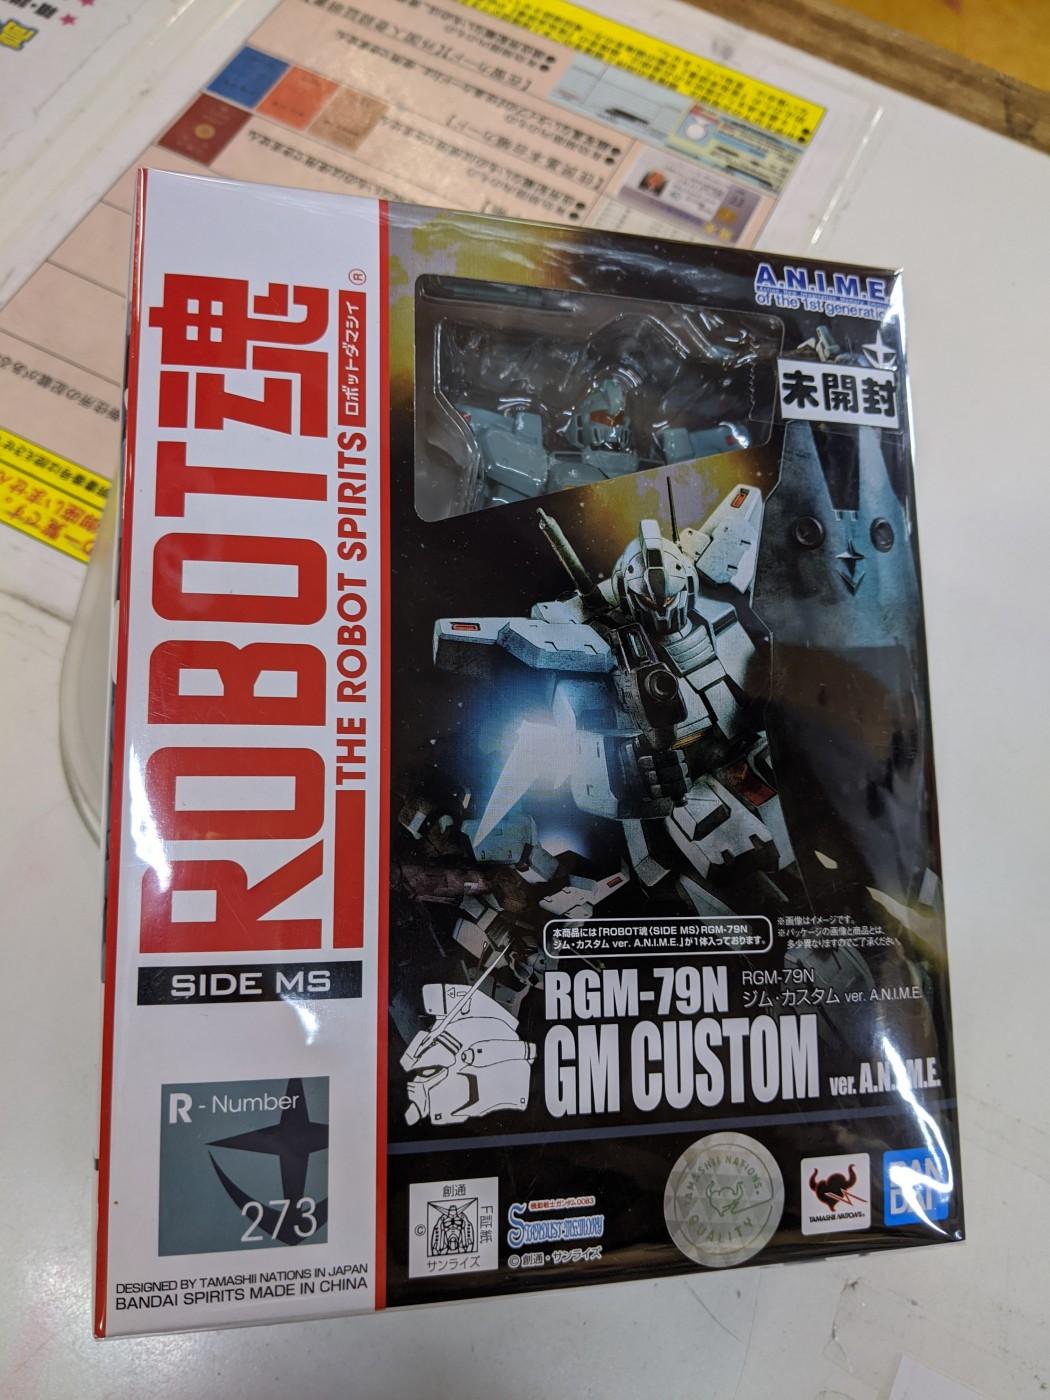 買取情報『ROBOT魂SIDE MS RGM-79N ジム・カスタム ver. A.N.I.M.E.』